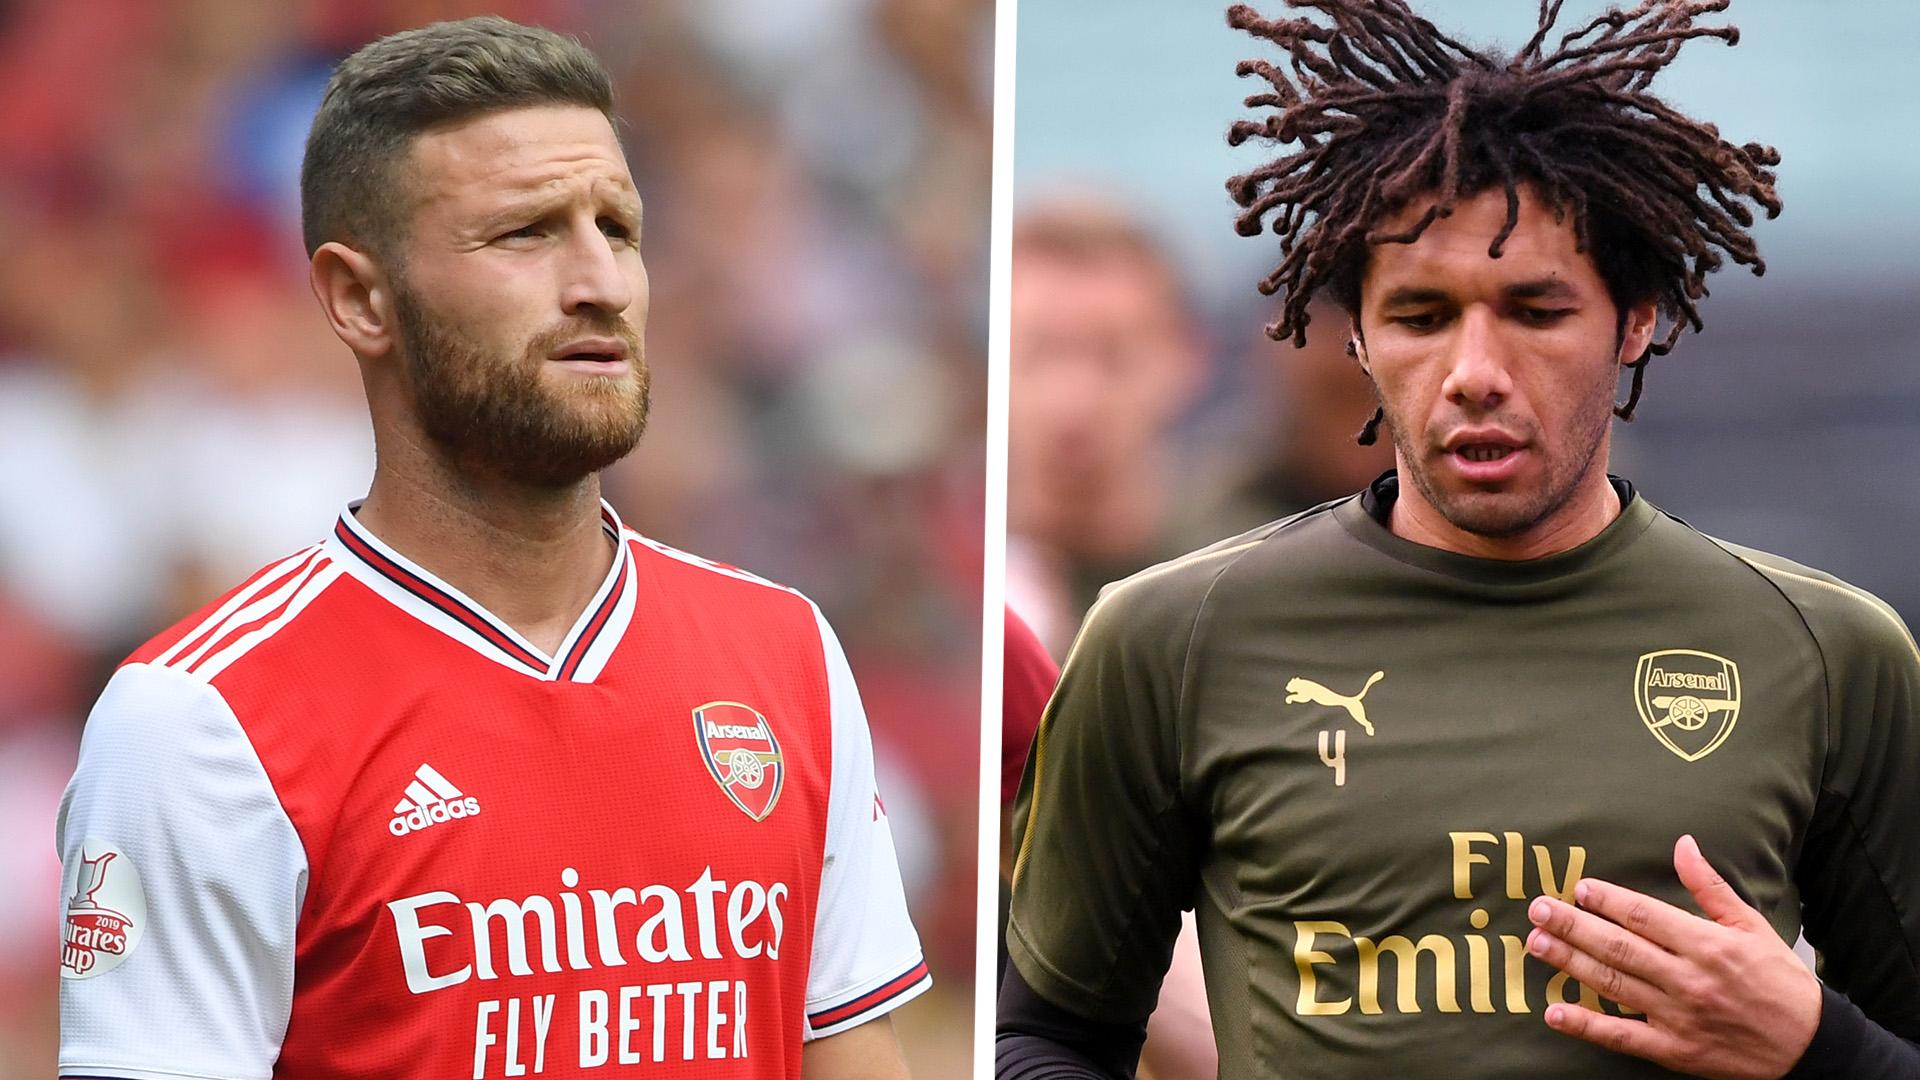 Emery urges Mustafi and Elneny to leave Arsenal